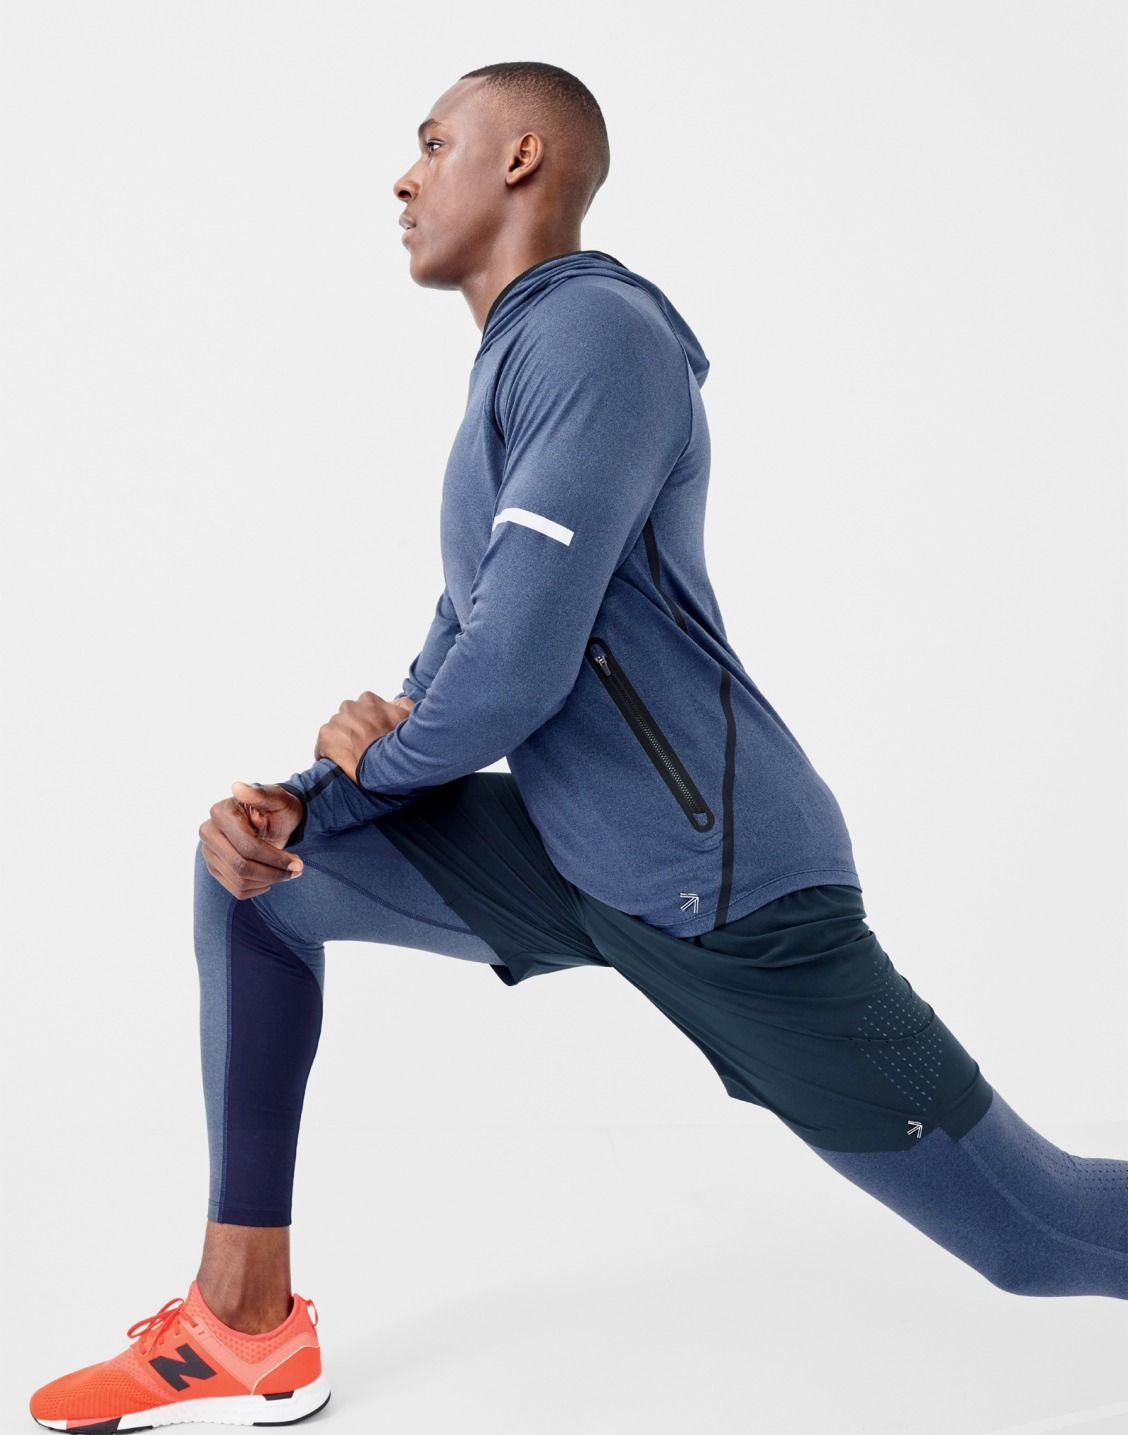 new balance träningskläder